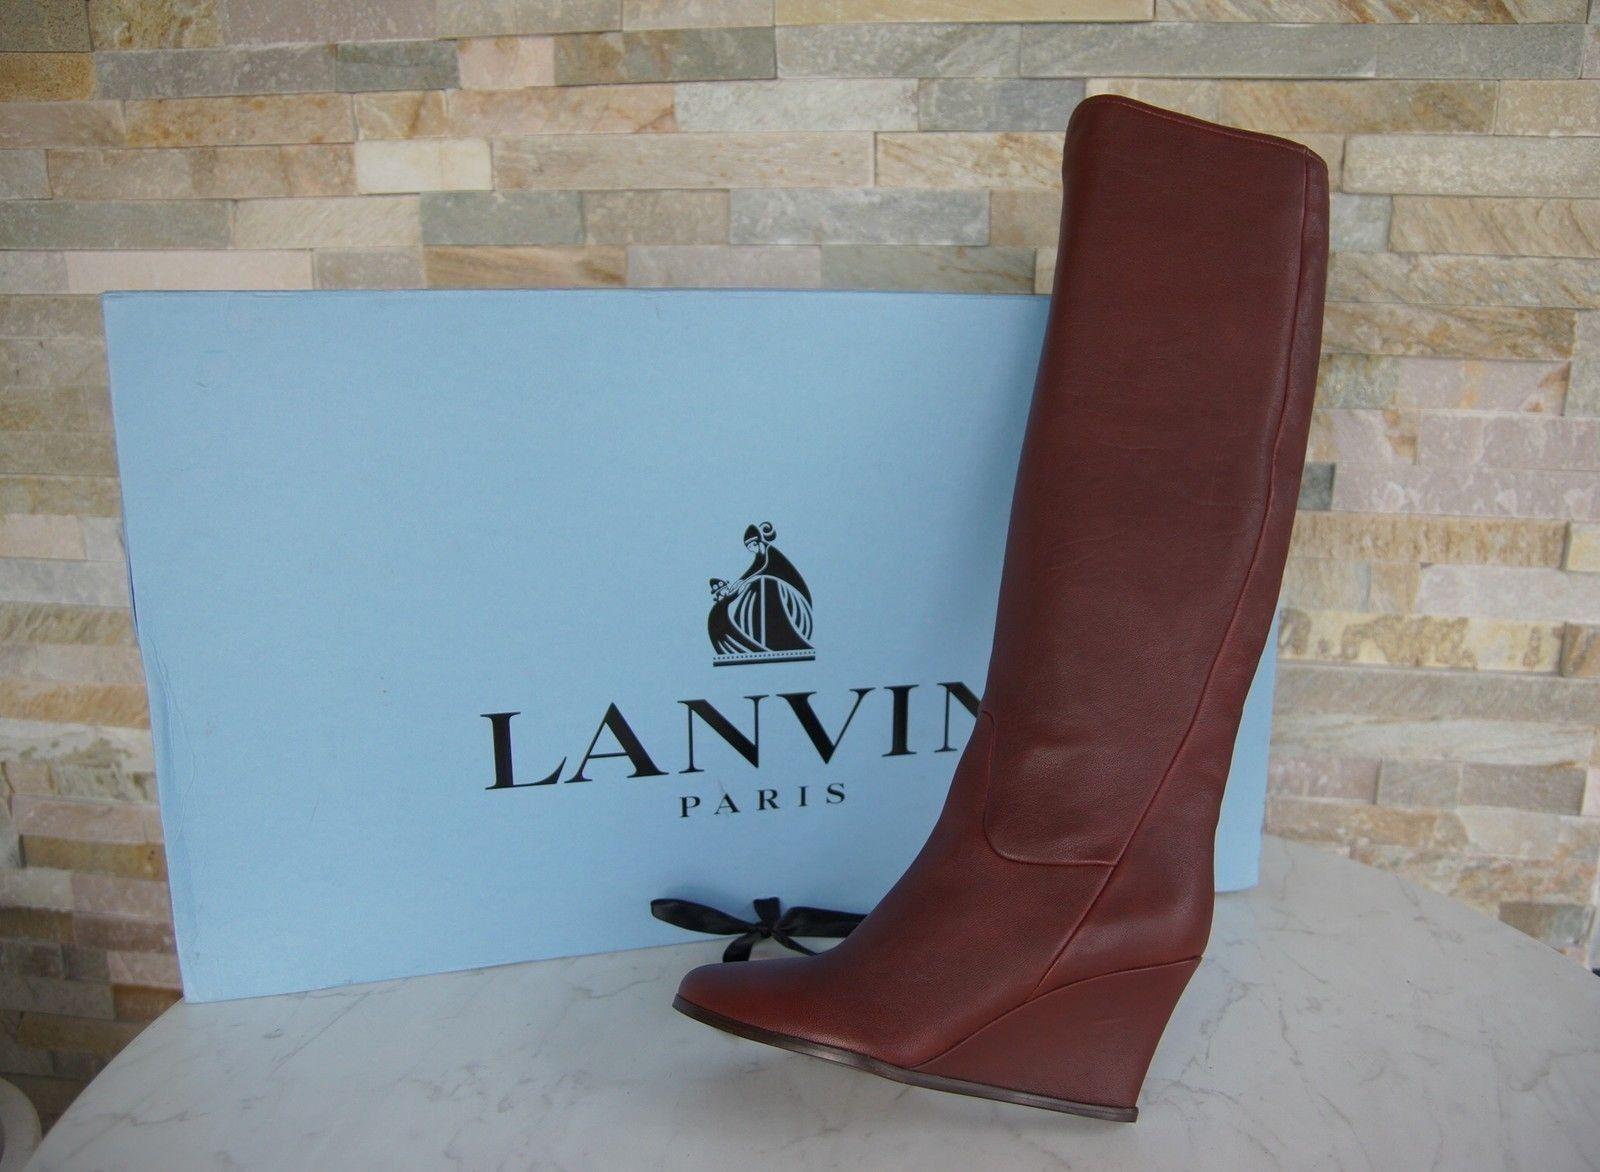 Lujo lanvin lanvin lanvin talla 36 cuña botas zapatos rojo burdeos nuevo ex. PVP  ordenar ahora